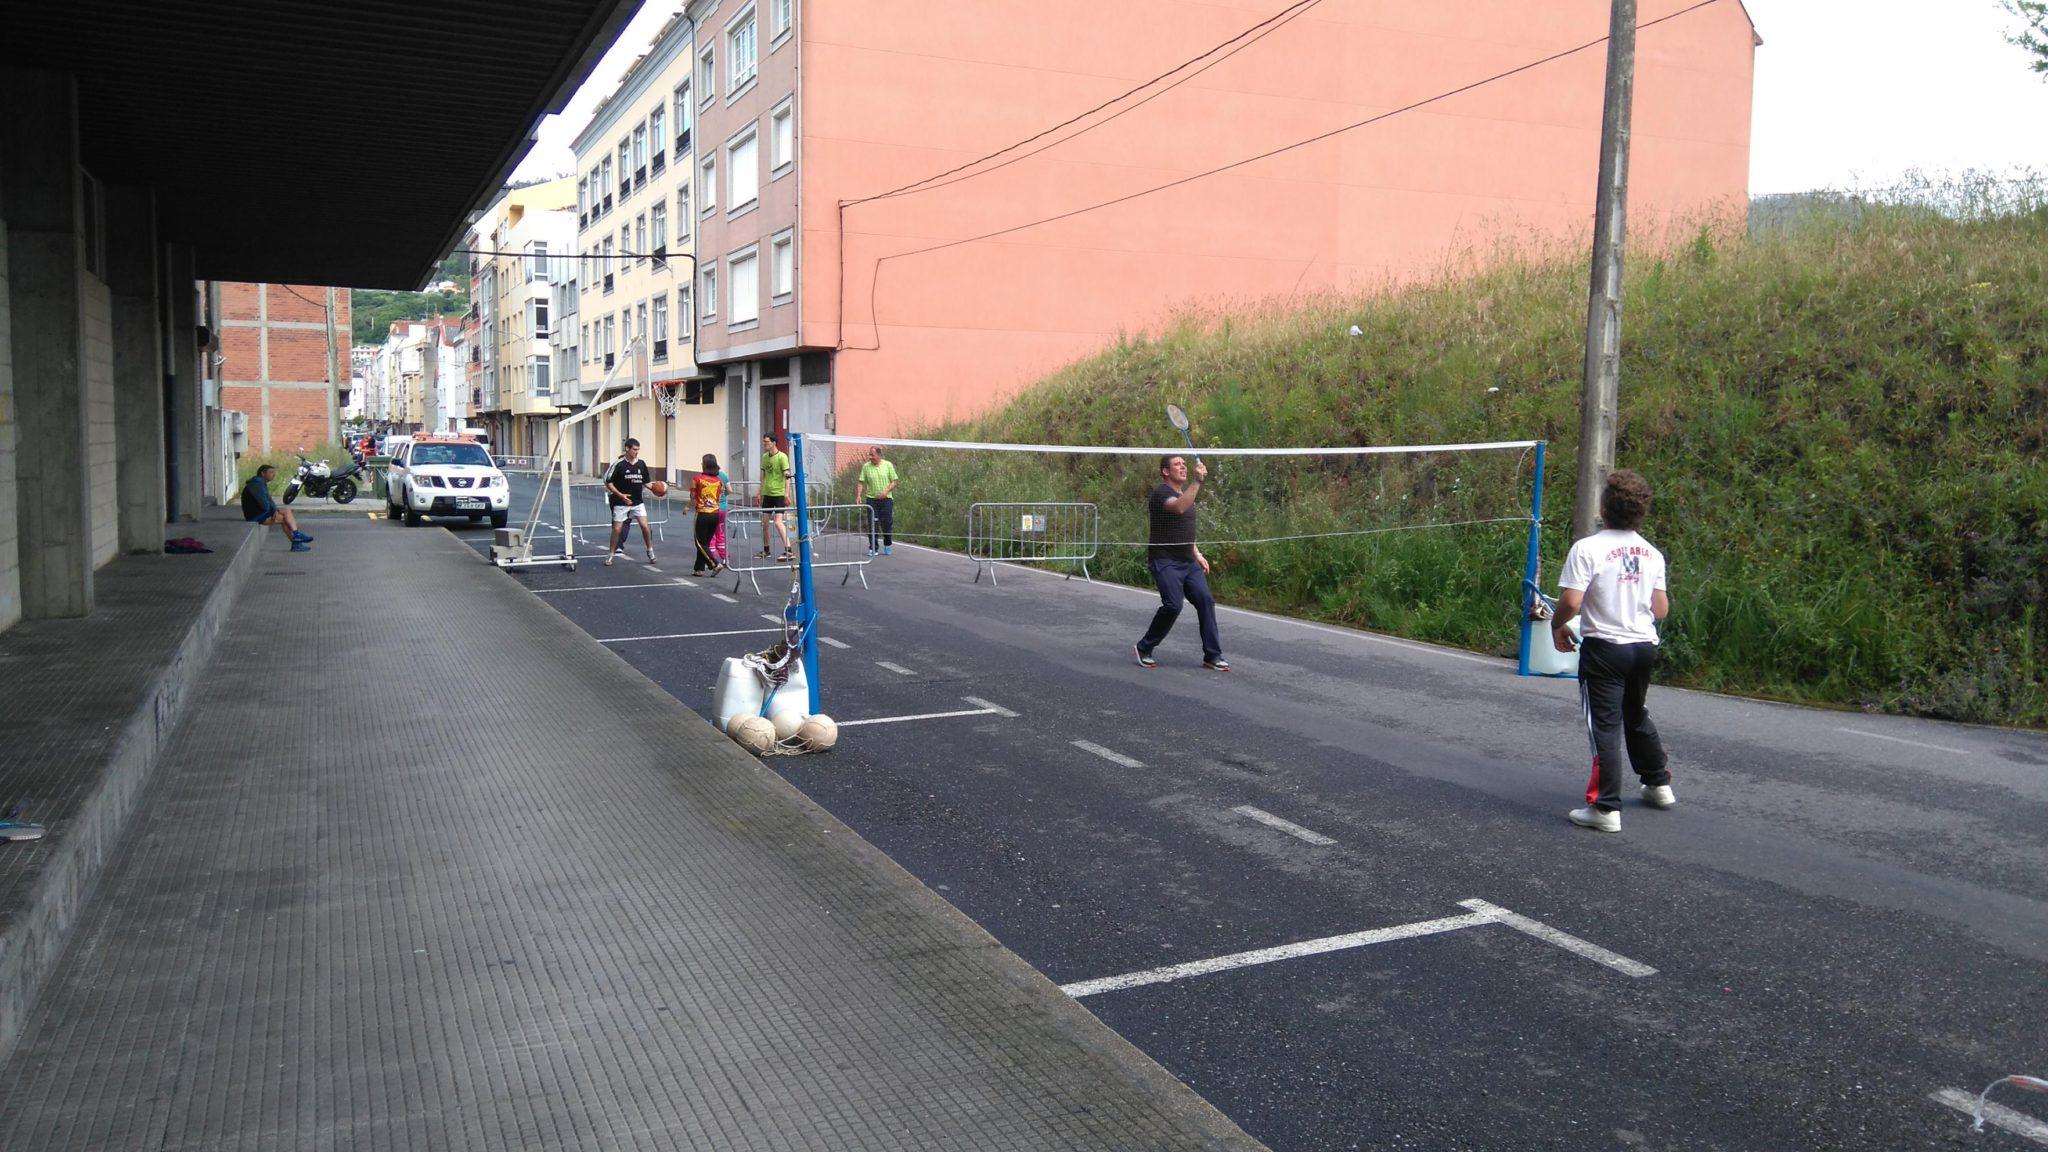 A ameaza de chuva non impediu o desenvolvemento da festa do deporte na rúa